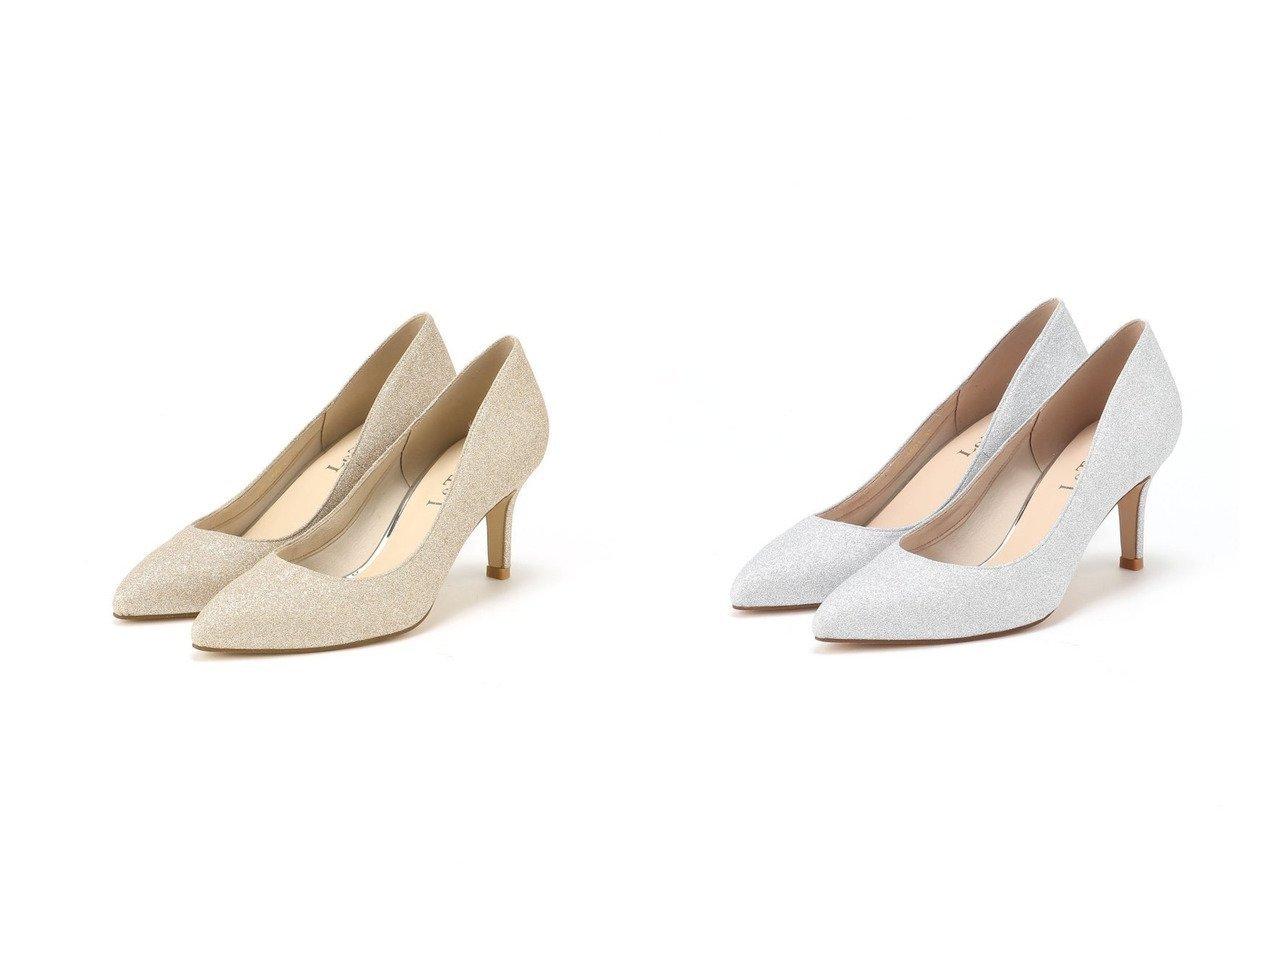 【Le Talon/ル タロン】の7cmグリッタープレーンPS(22-25) 【シューズ・靴】おすすめ!人気、トレンド・レディースファッションの通販  おすすめで人気の流行・トレンド、ファッションの通販商品 メンズファッション・キッズファッション・インテリア・家具・レディースファッション・服の通販 founy(ファニー) https://founy.com/ ファッション Fashion レディースファッション WOMEN 2020年 2020 2020春夏・S/S SS・Spring/Summer/2020 S/S・春夏 SS・Spring/Summer インソール クッション グリッター シューズ |ID:crp329100000026278